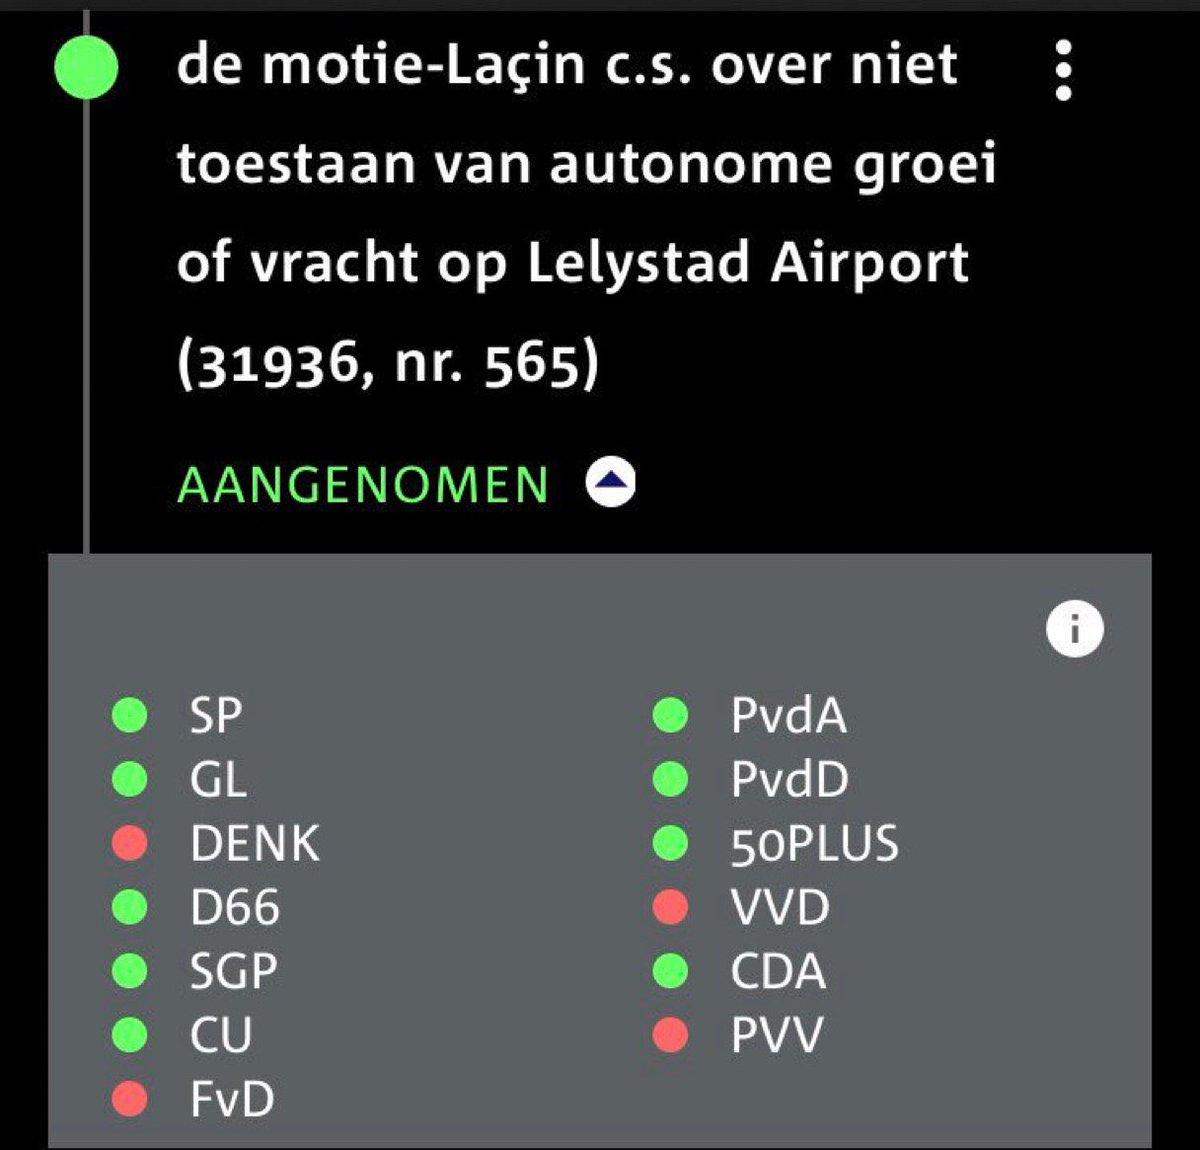 In december 2018 is motie @CemLacin aangenomen met steun van coalitiepartners @D66 @cdavandaag en @christenunie  Deze motie sluit autonome groei #LelystadAirport uit. Letten jullie op @jpaternotte @MustafaAmhaouch en @eppobruins ?